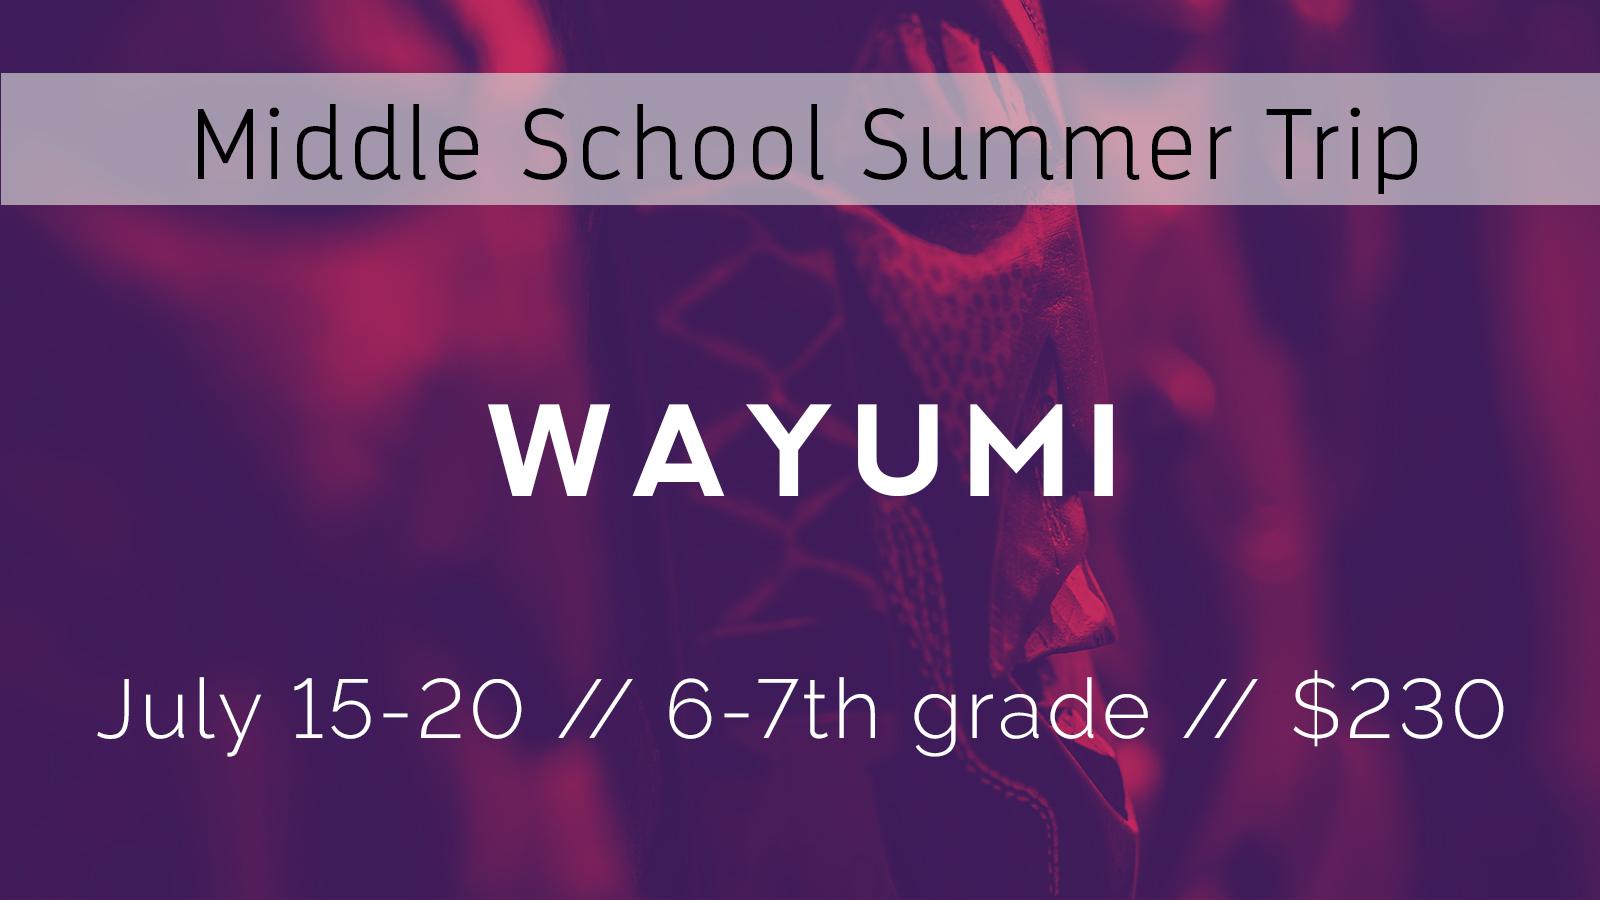 Ms wayumi large font